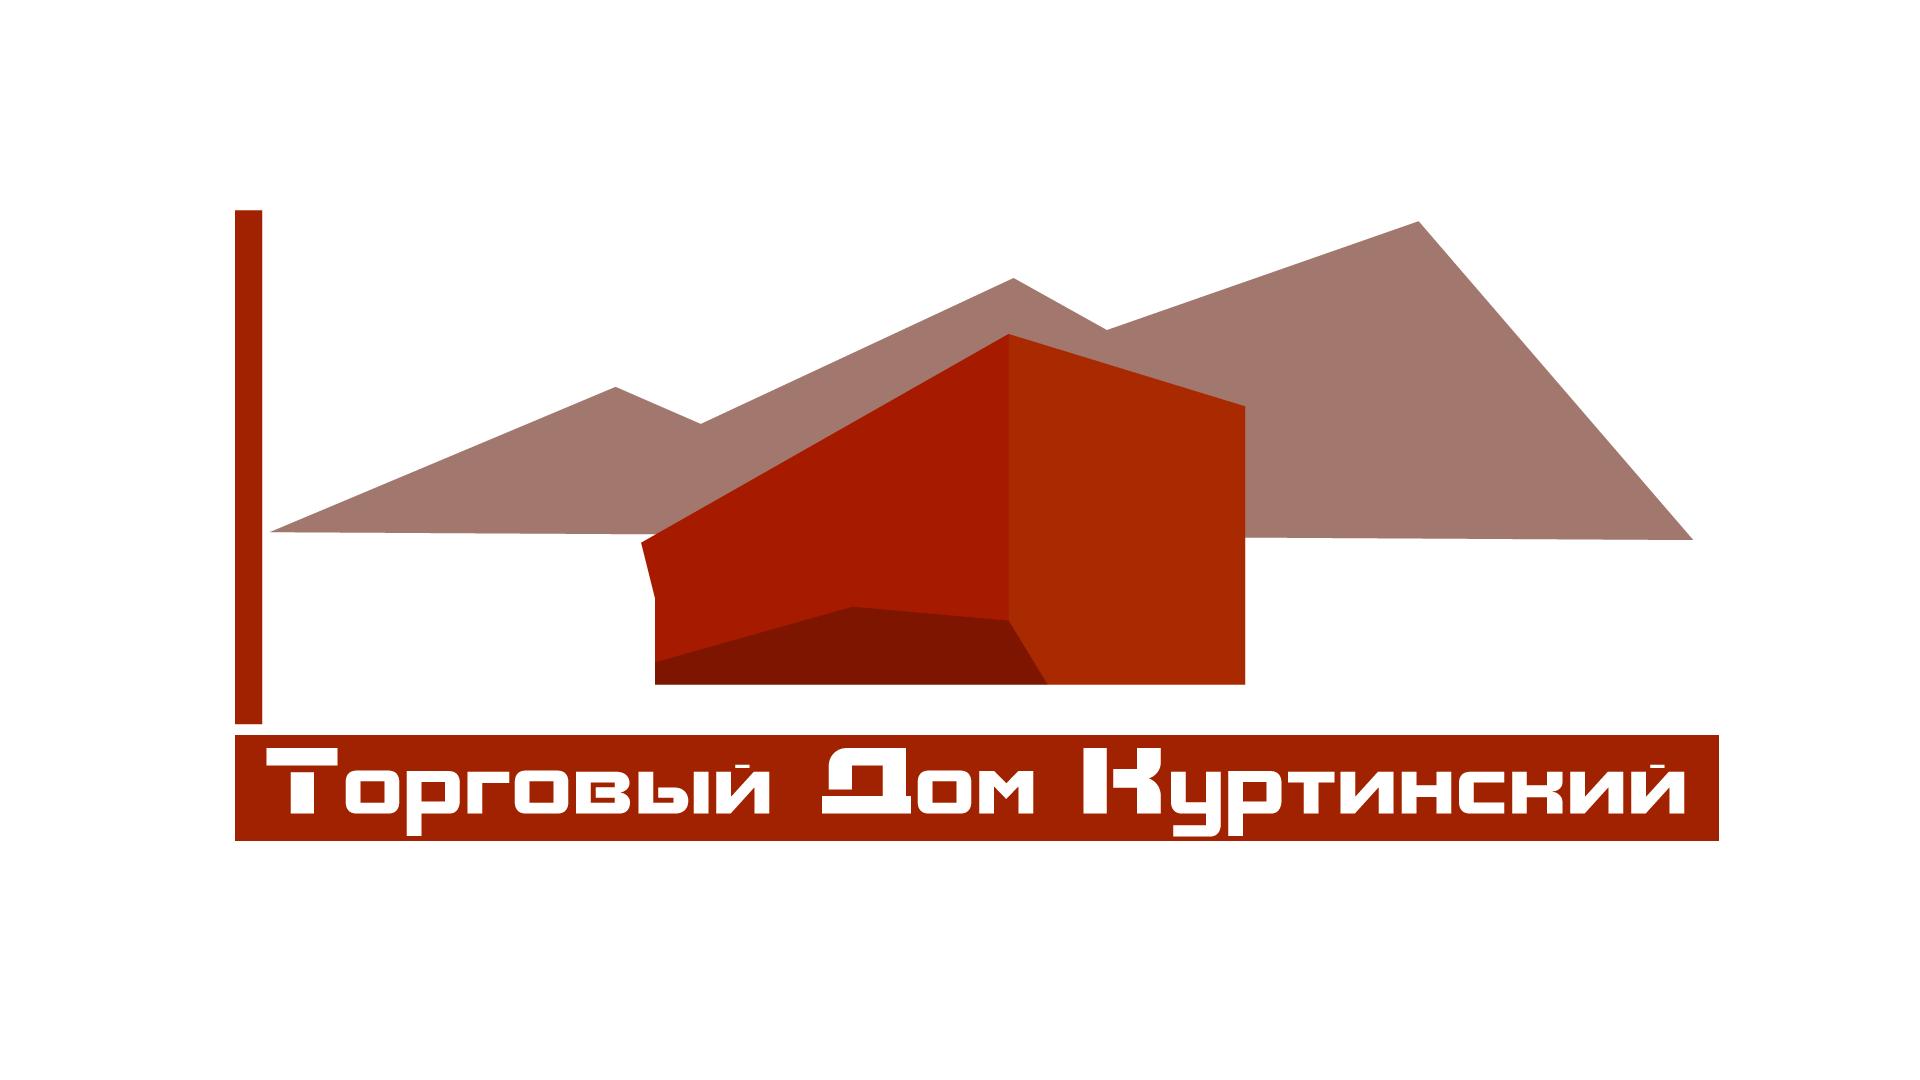 Логотип для камнедобывающей компании фото f_5955b9f8671b0eec.png